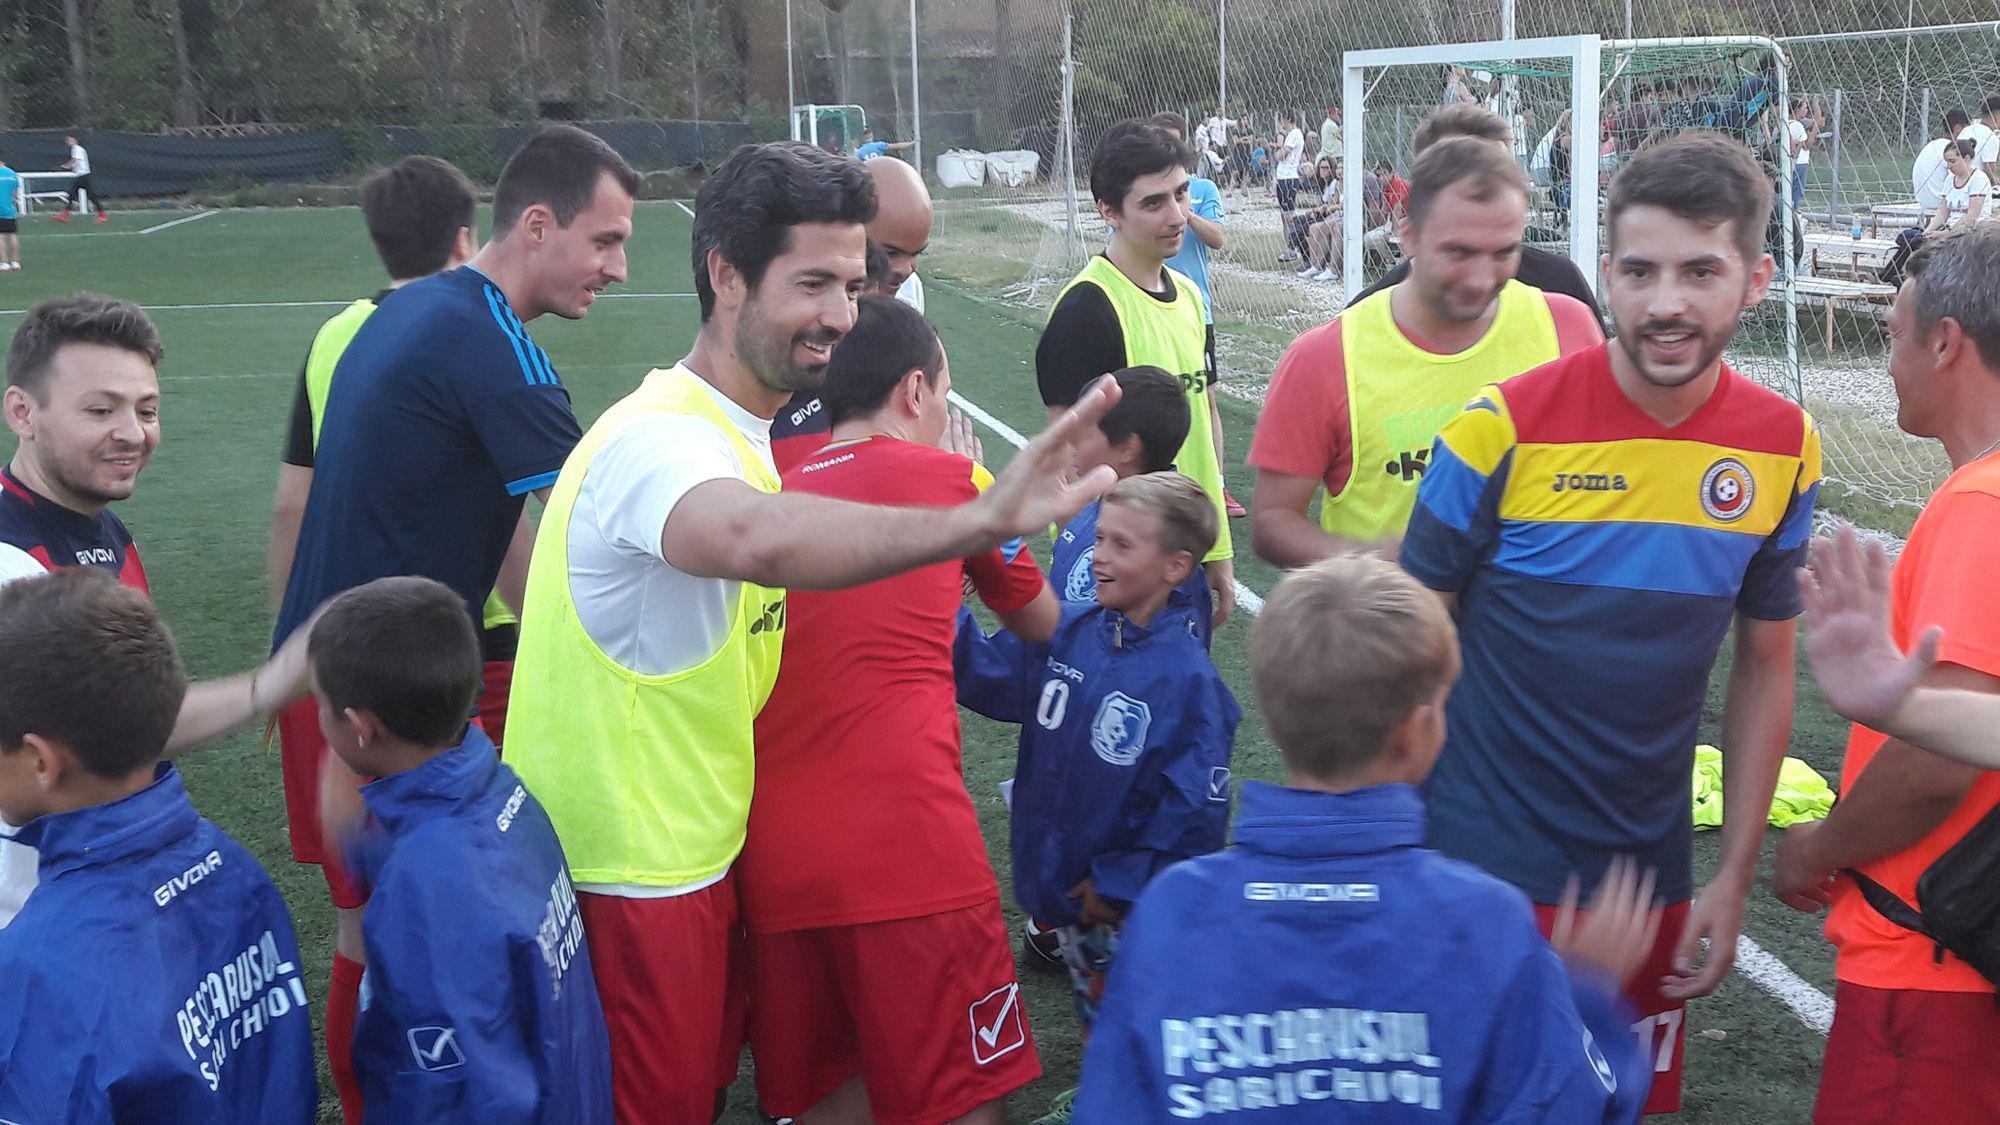 """Benfica de România a jucat cu """"casa închisă"""" pentru micuții fotbaliști de la Sarichioi. La partida caritabilă au asistat și militarii sportivi de la Invictus"""